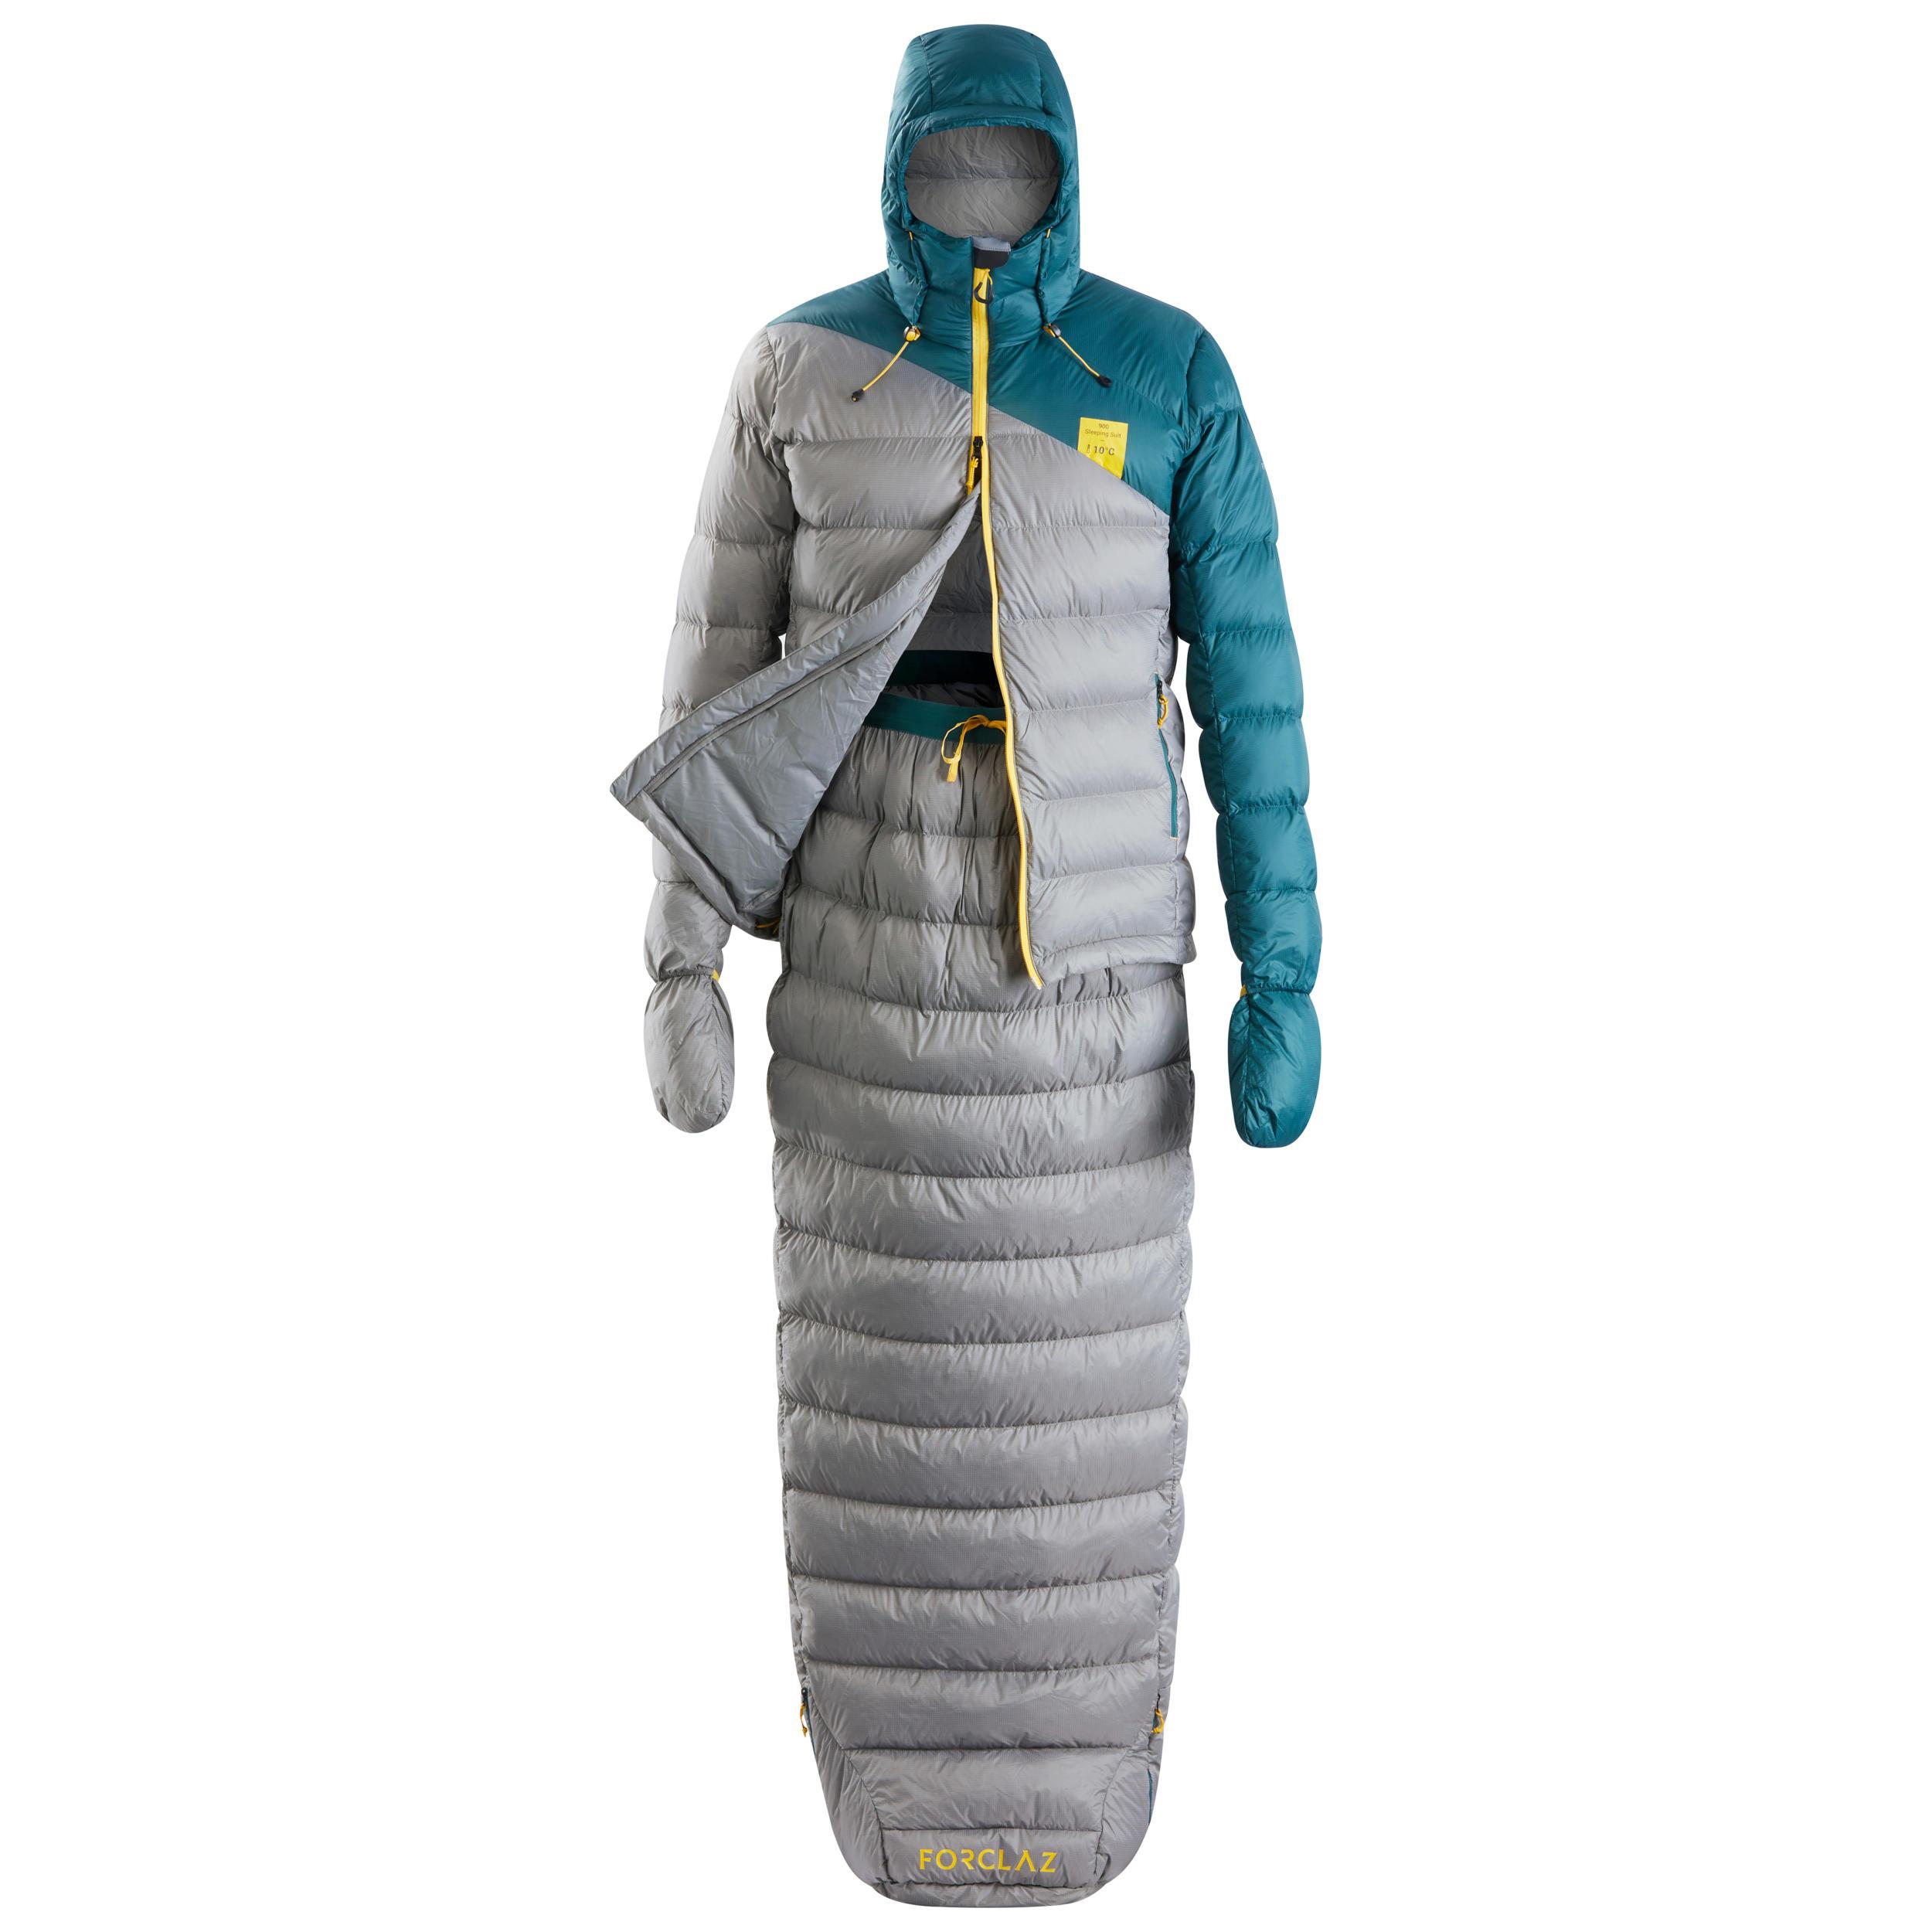 Forclaz Sac de couchage veste Sleeping Suit - TREK 900 10° plume bleu gris - Forclaz